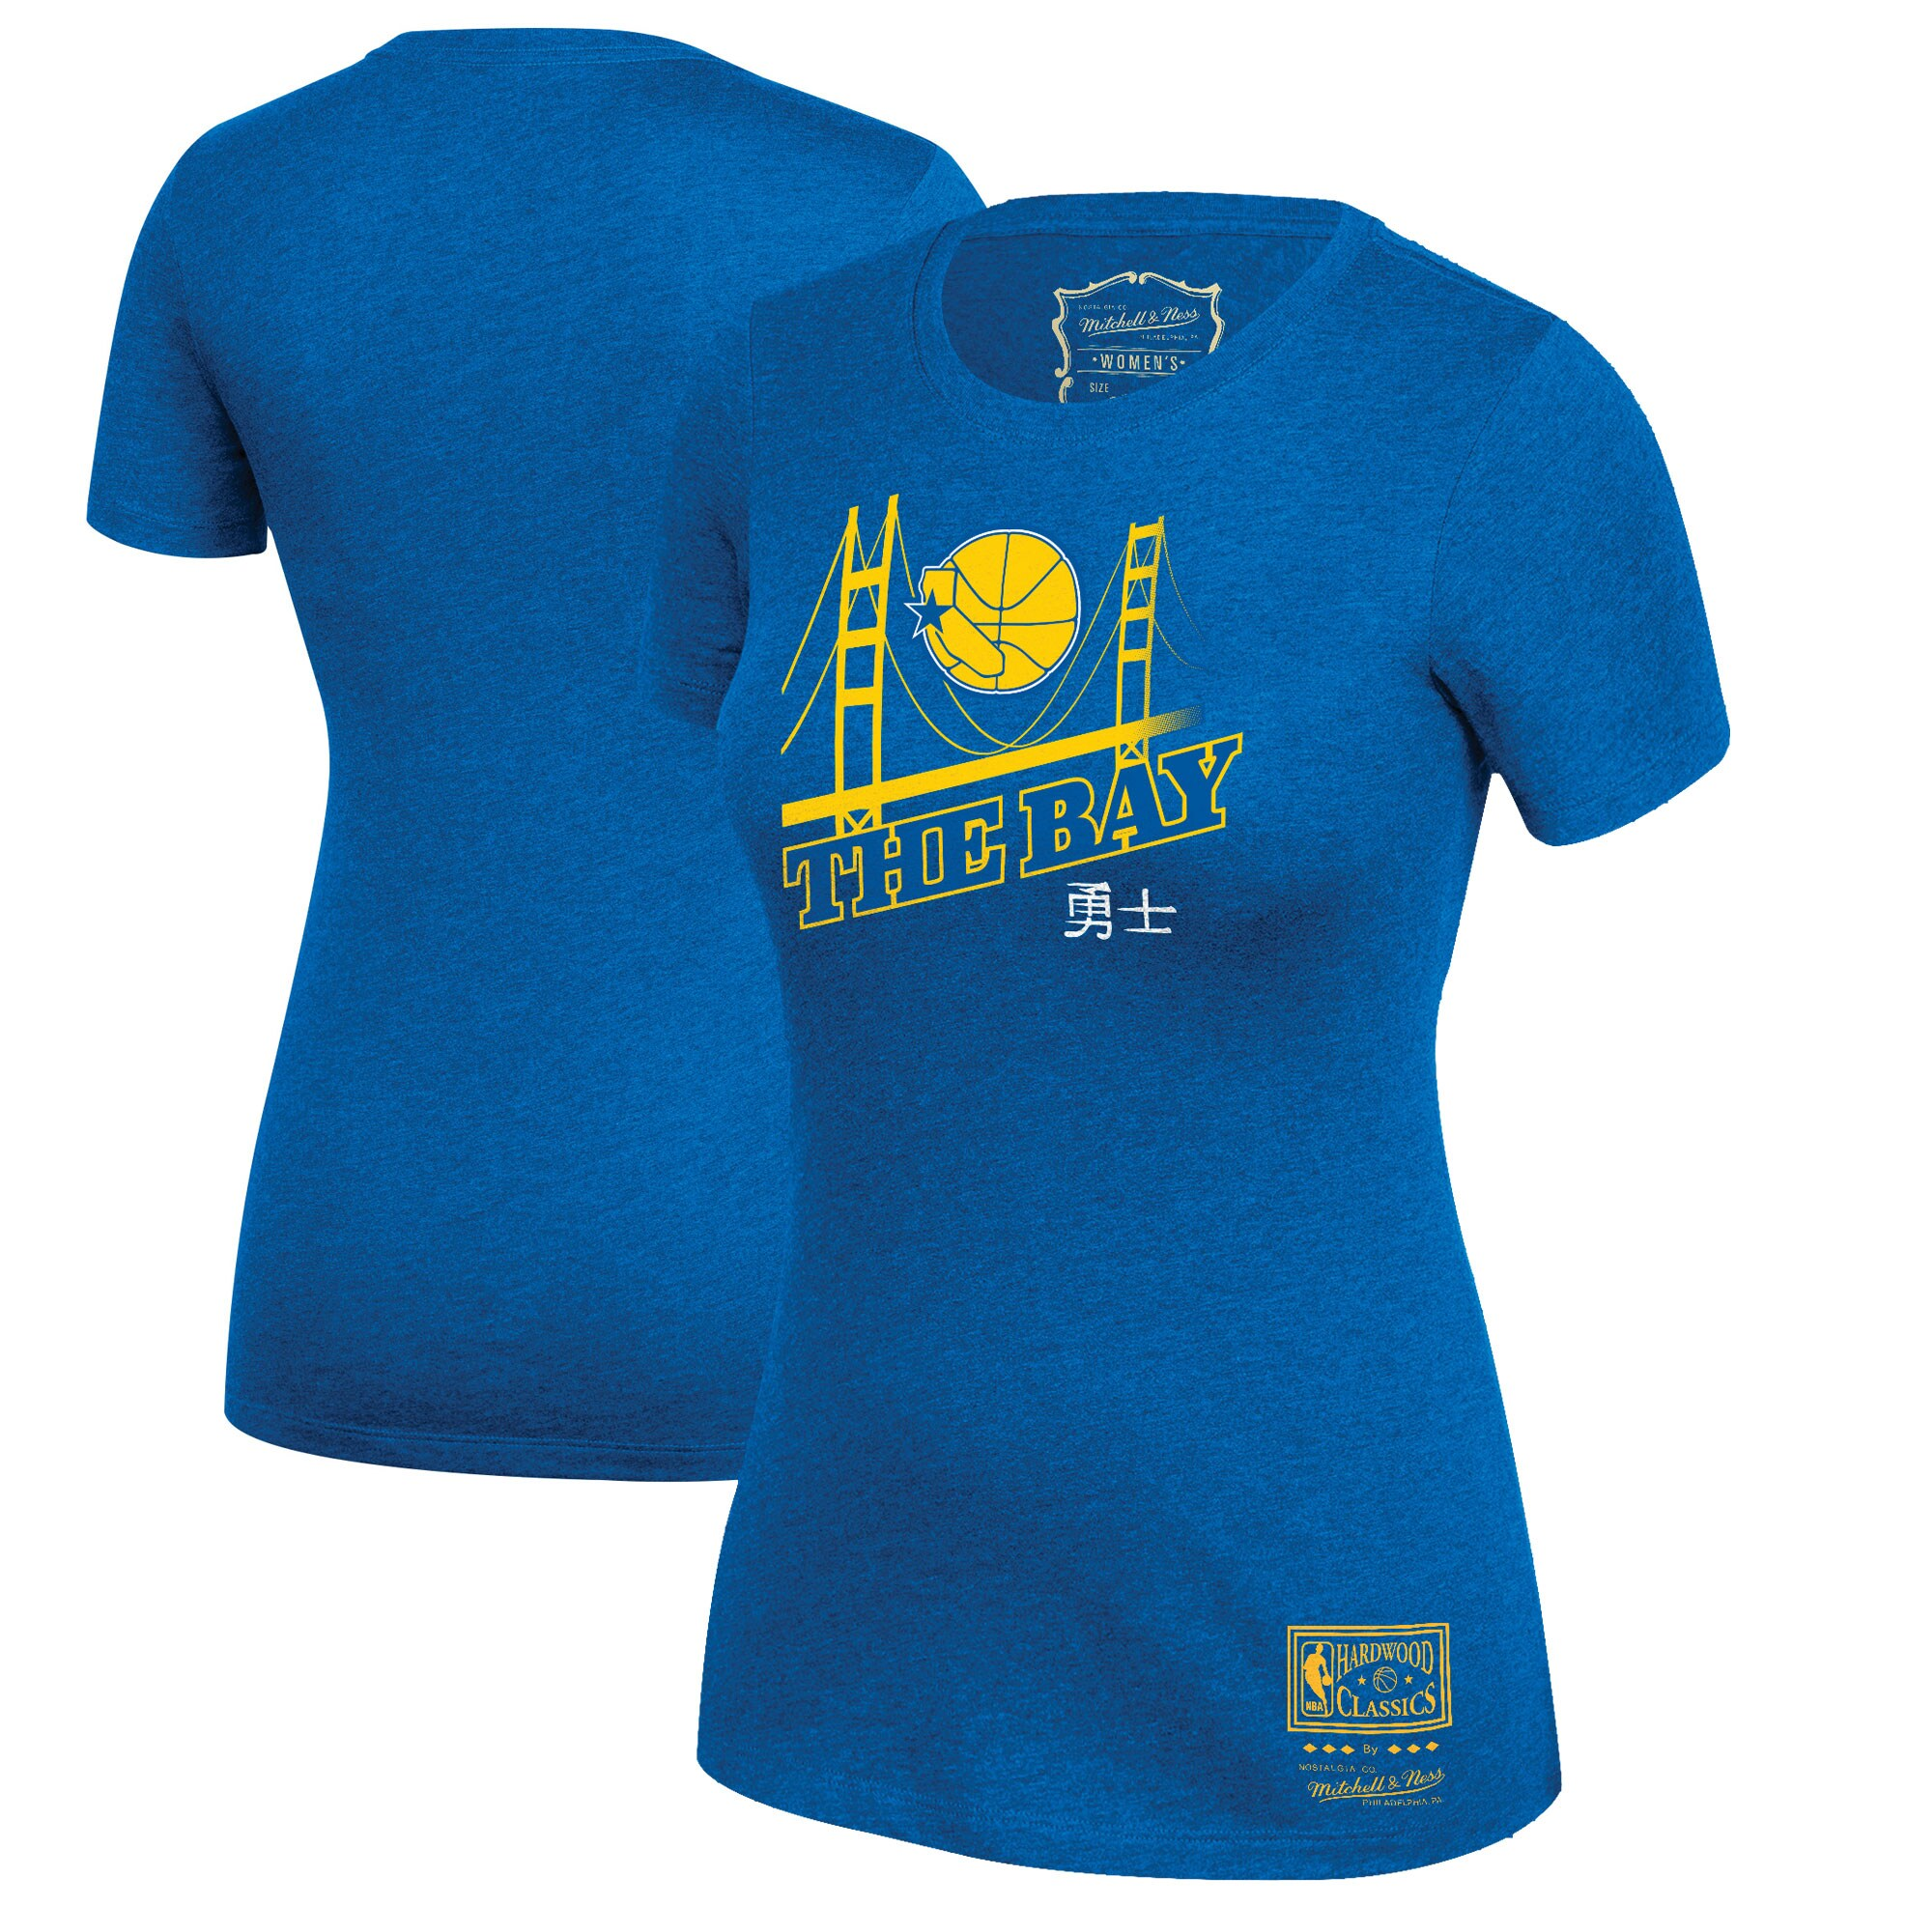 Golden State Warriors Mitchell & Ness Women's Bay Bridge Hometown T-Shirt - Royal